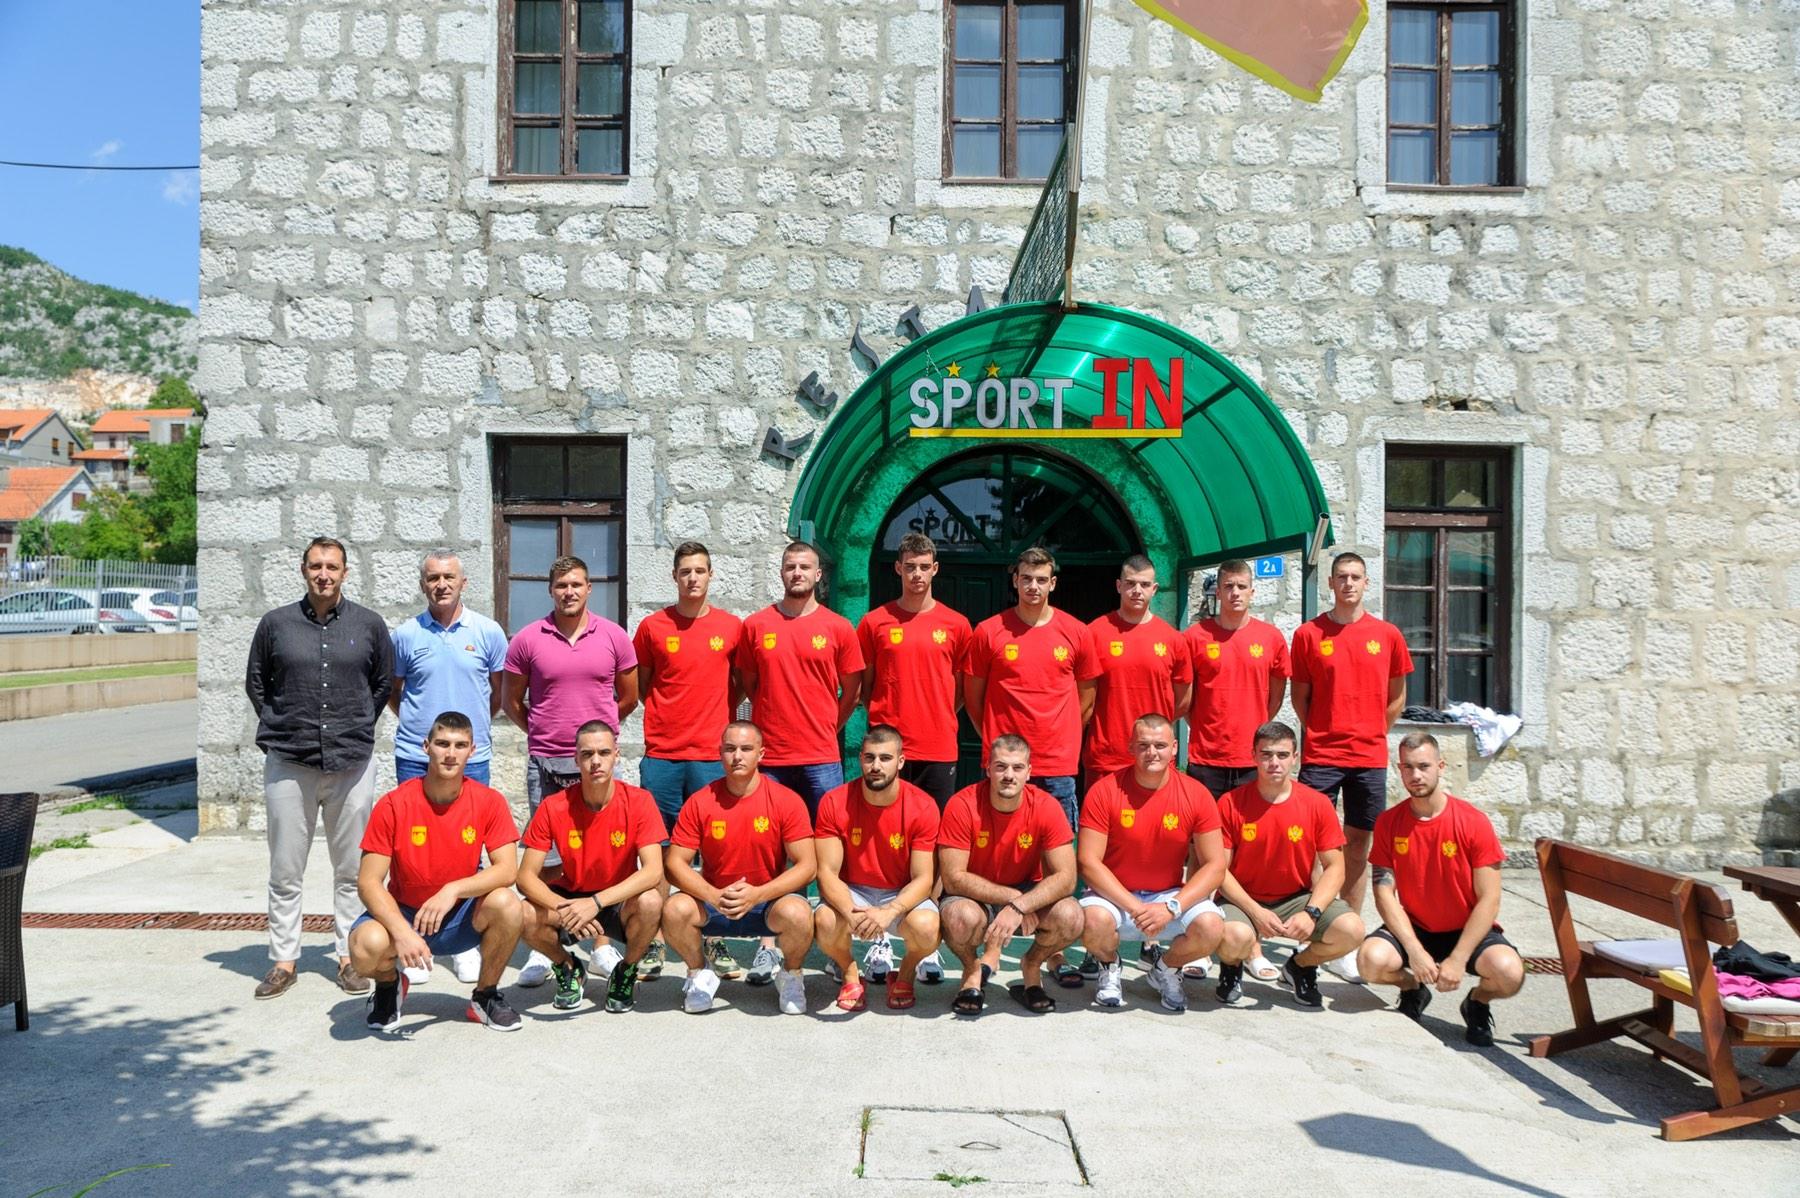 Problemi za kadetsku reprezentaciju na početku priprema za Evropsko prvenstvo B divizije